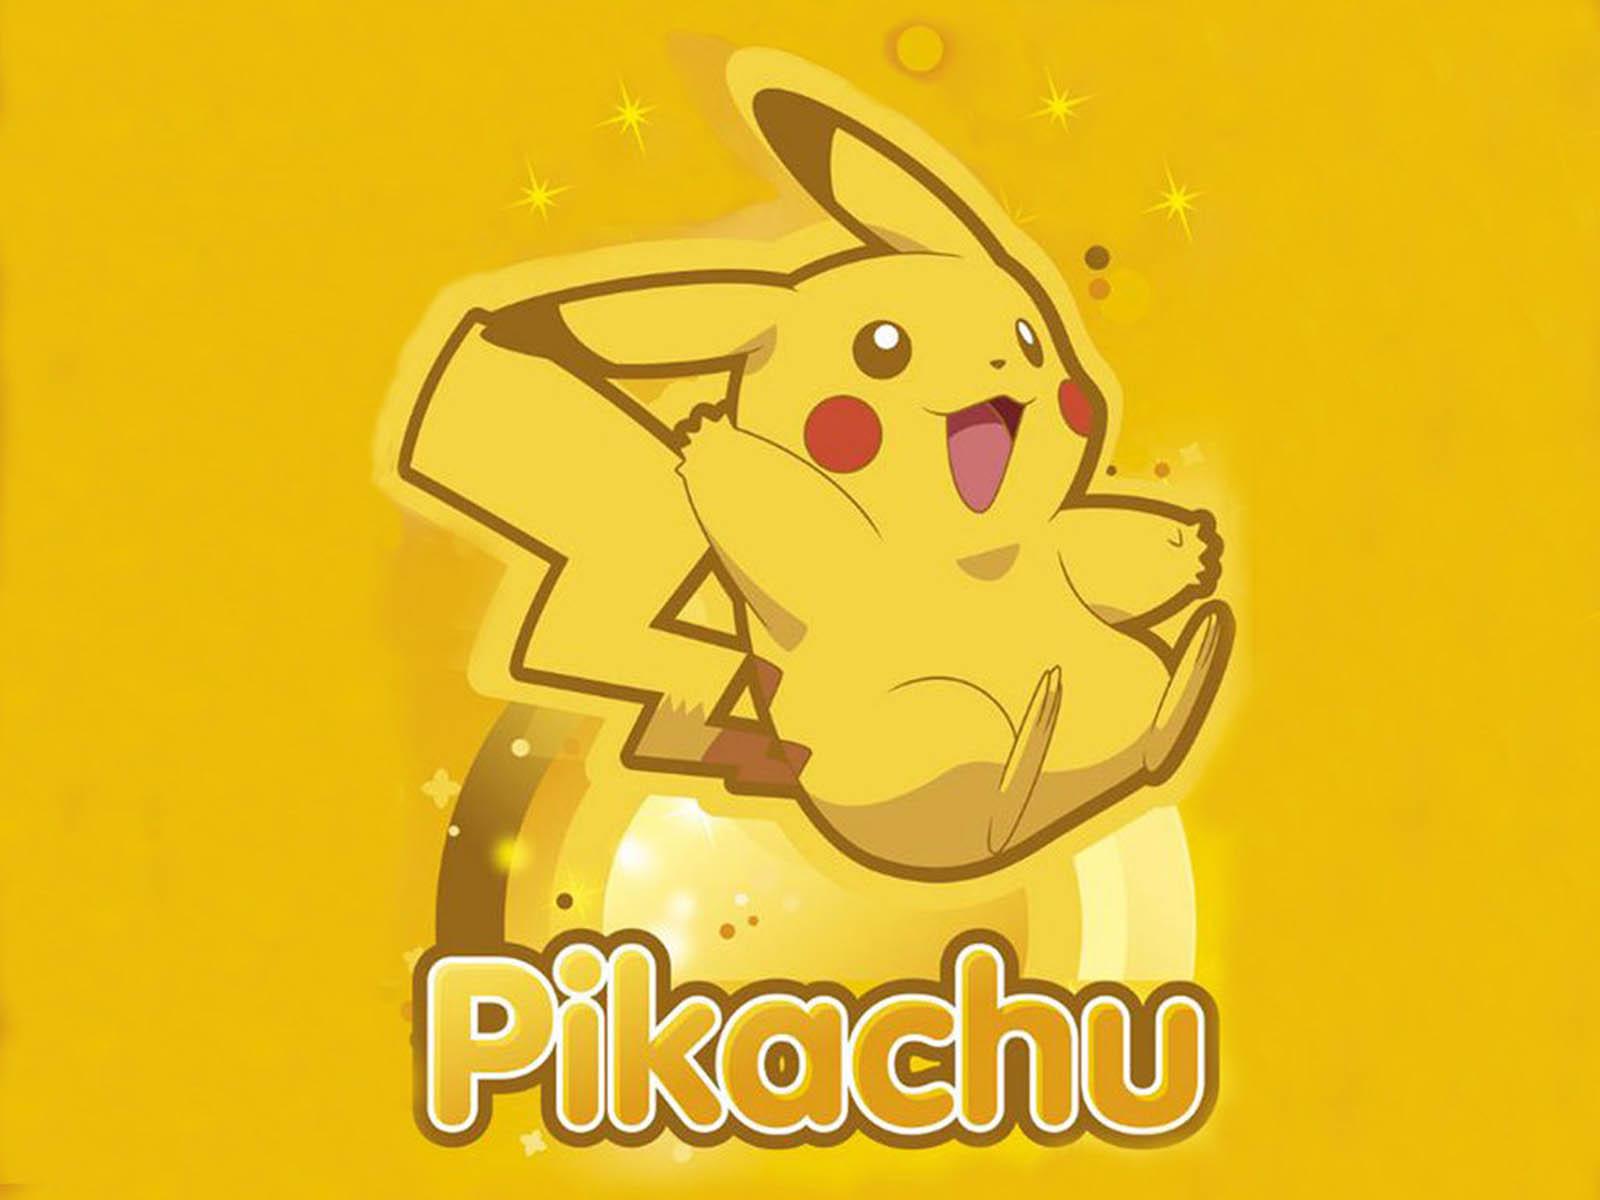 pikachu pokemon wallpaper - photo #3